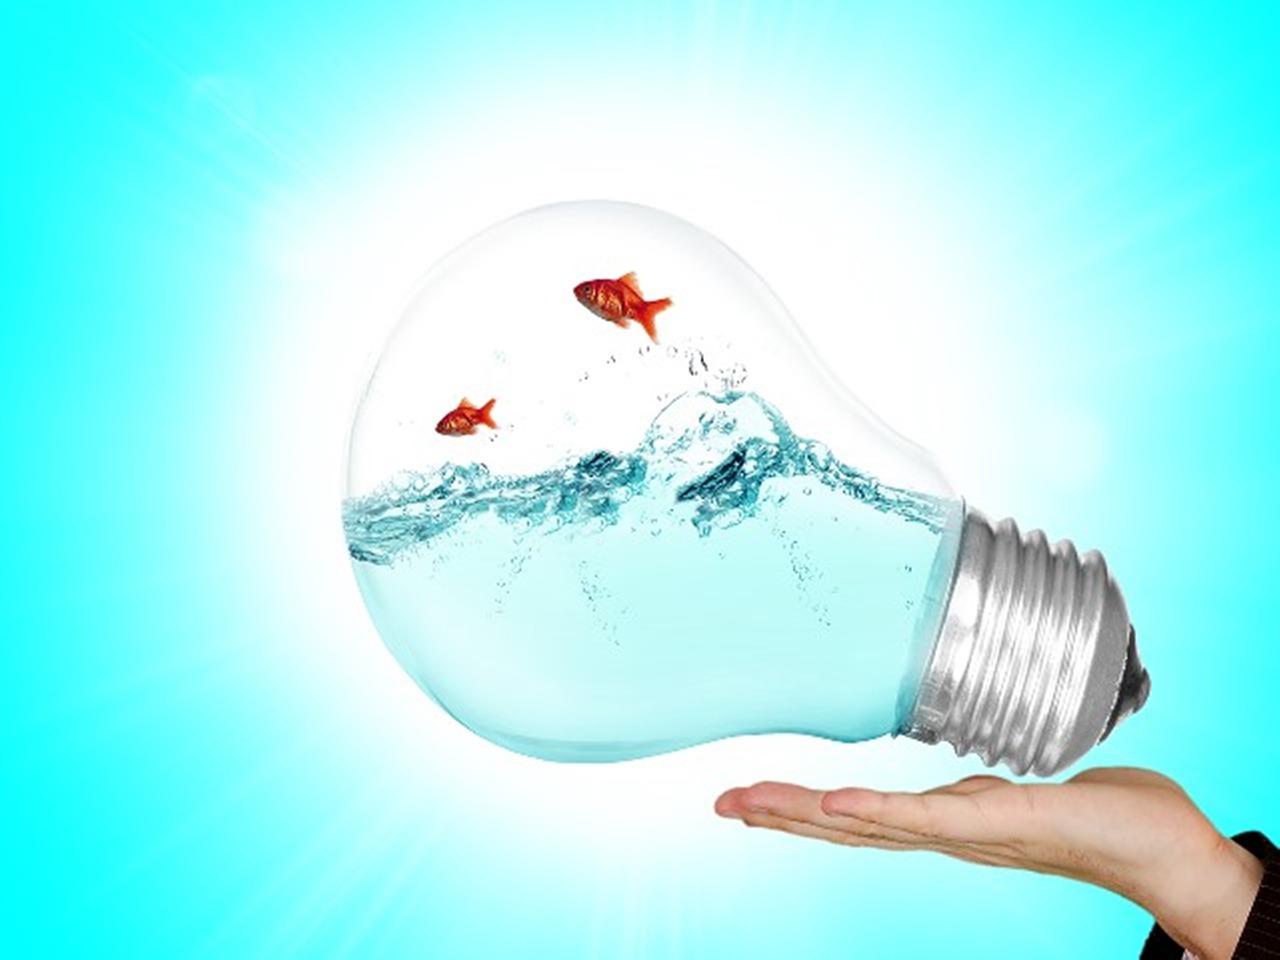 Weiterbildung in Change Management